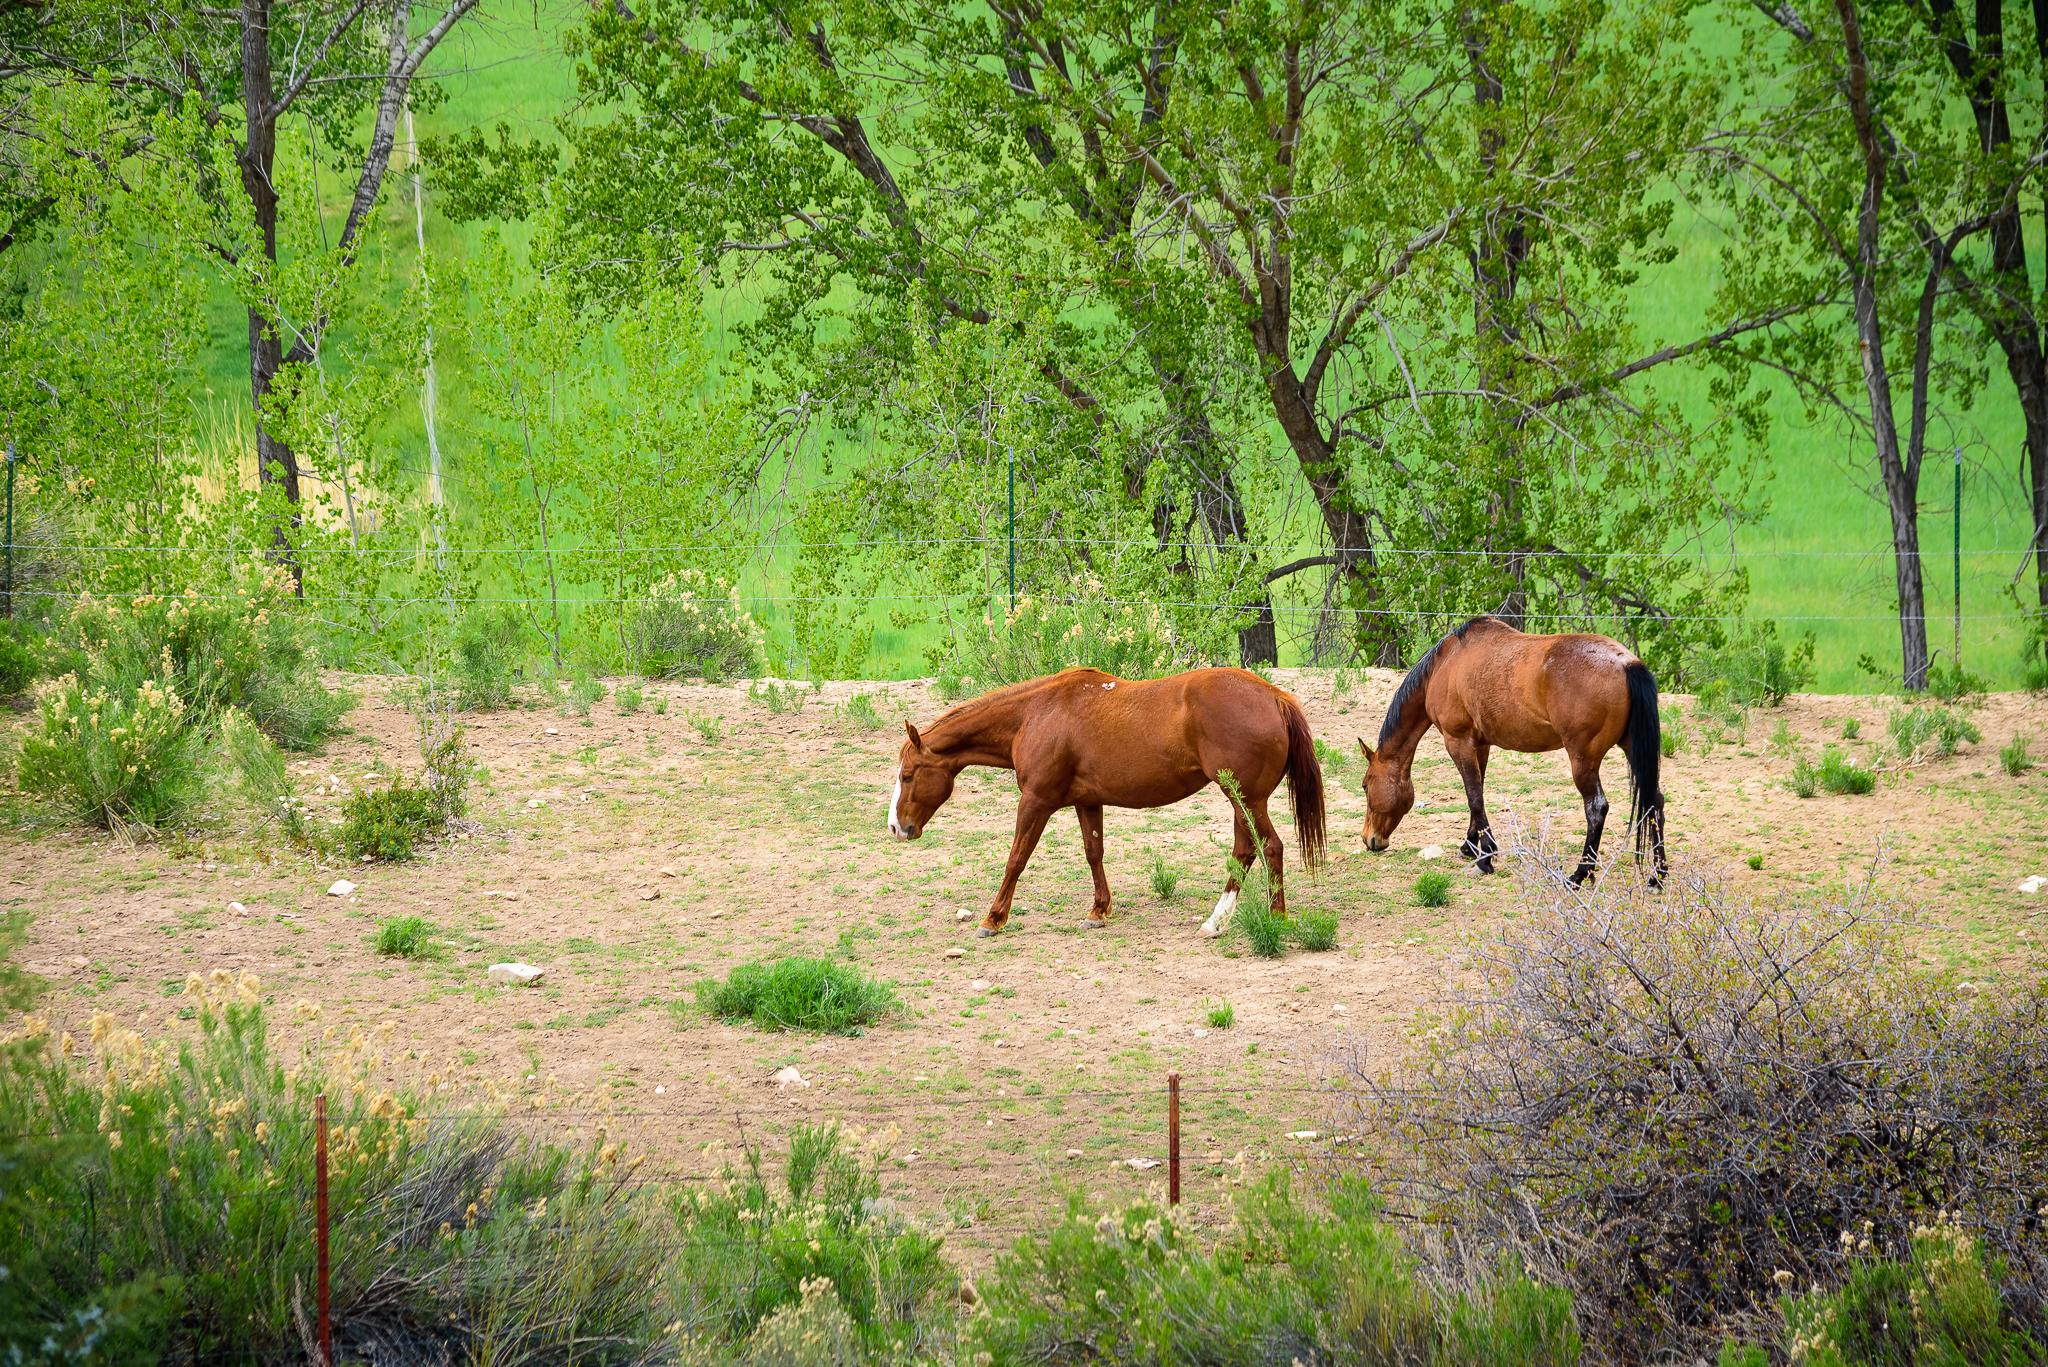 Wildlife spotting engage. Mt. Carmel Junction, UT.